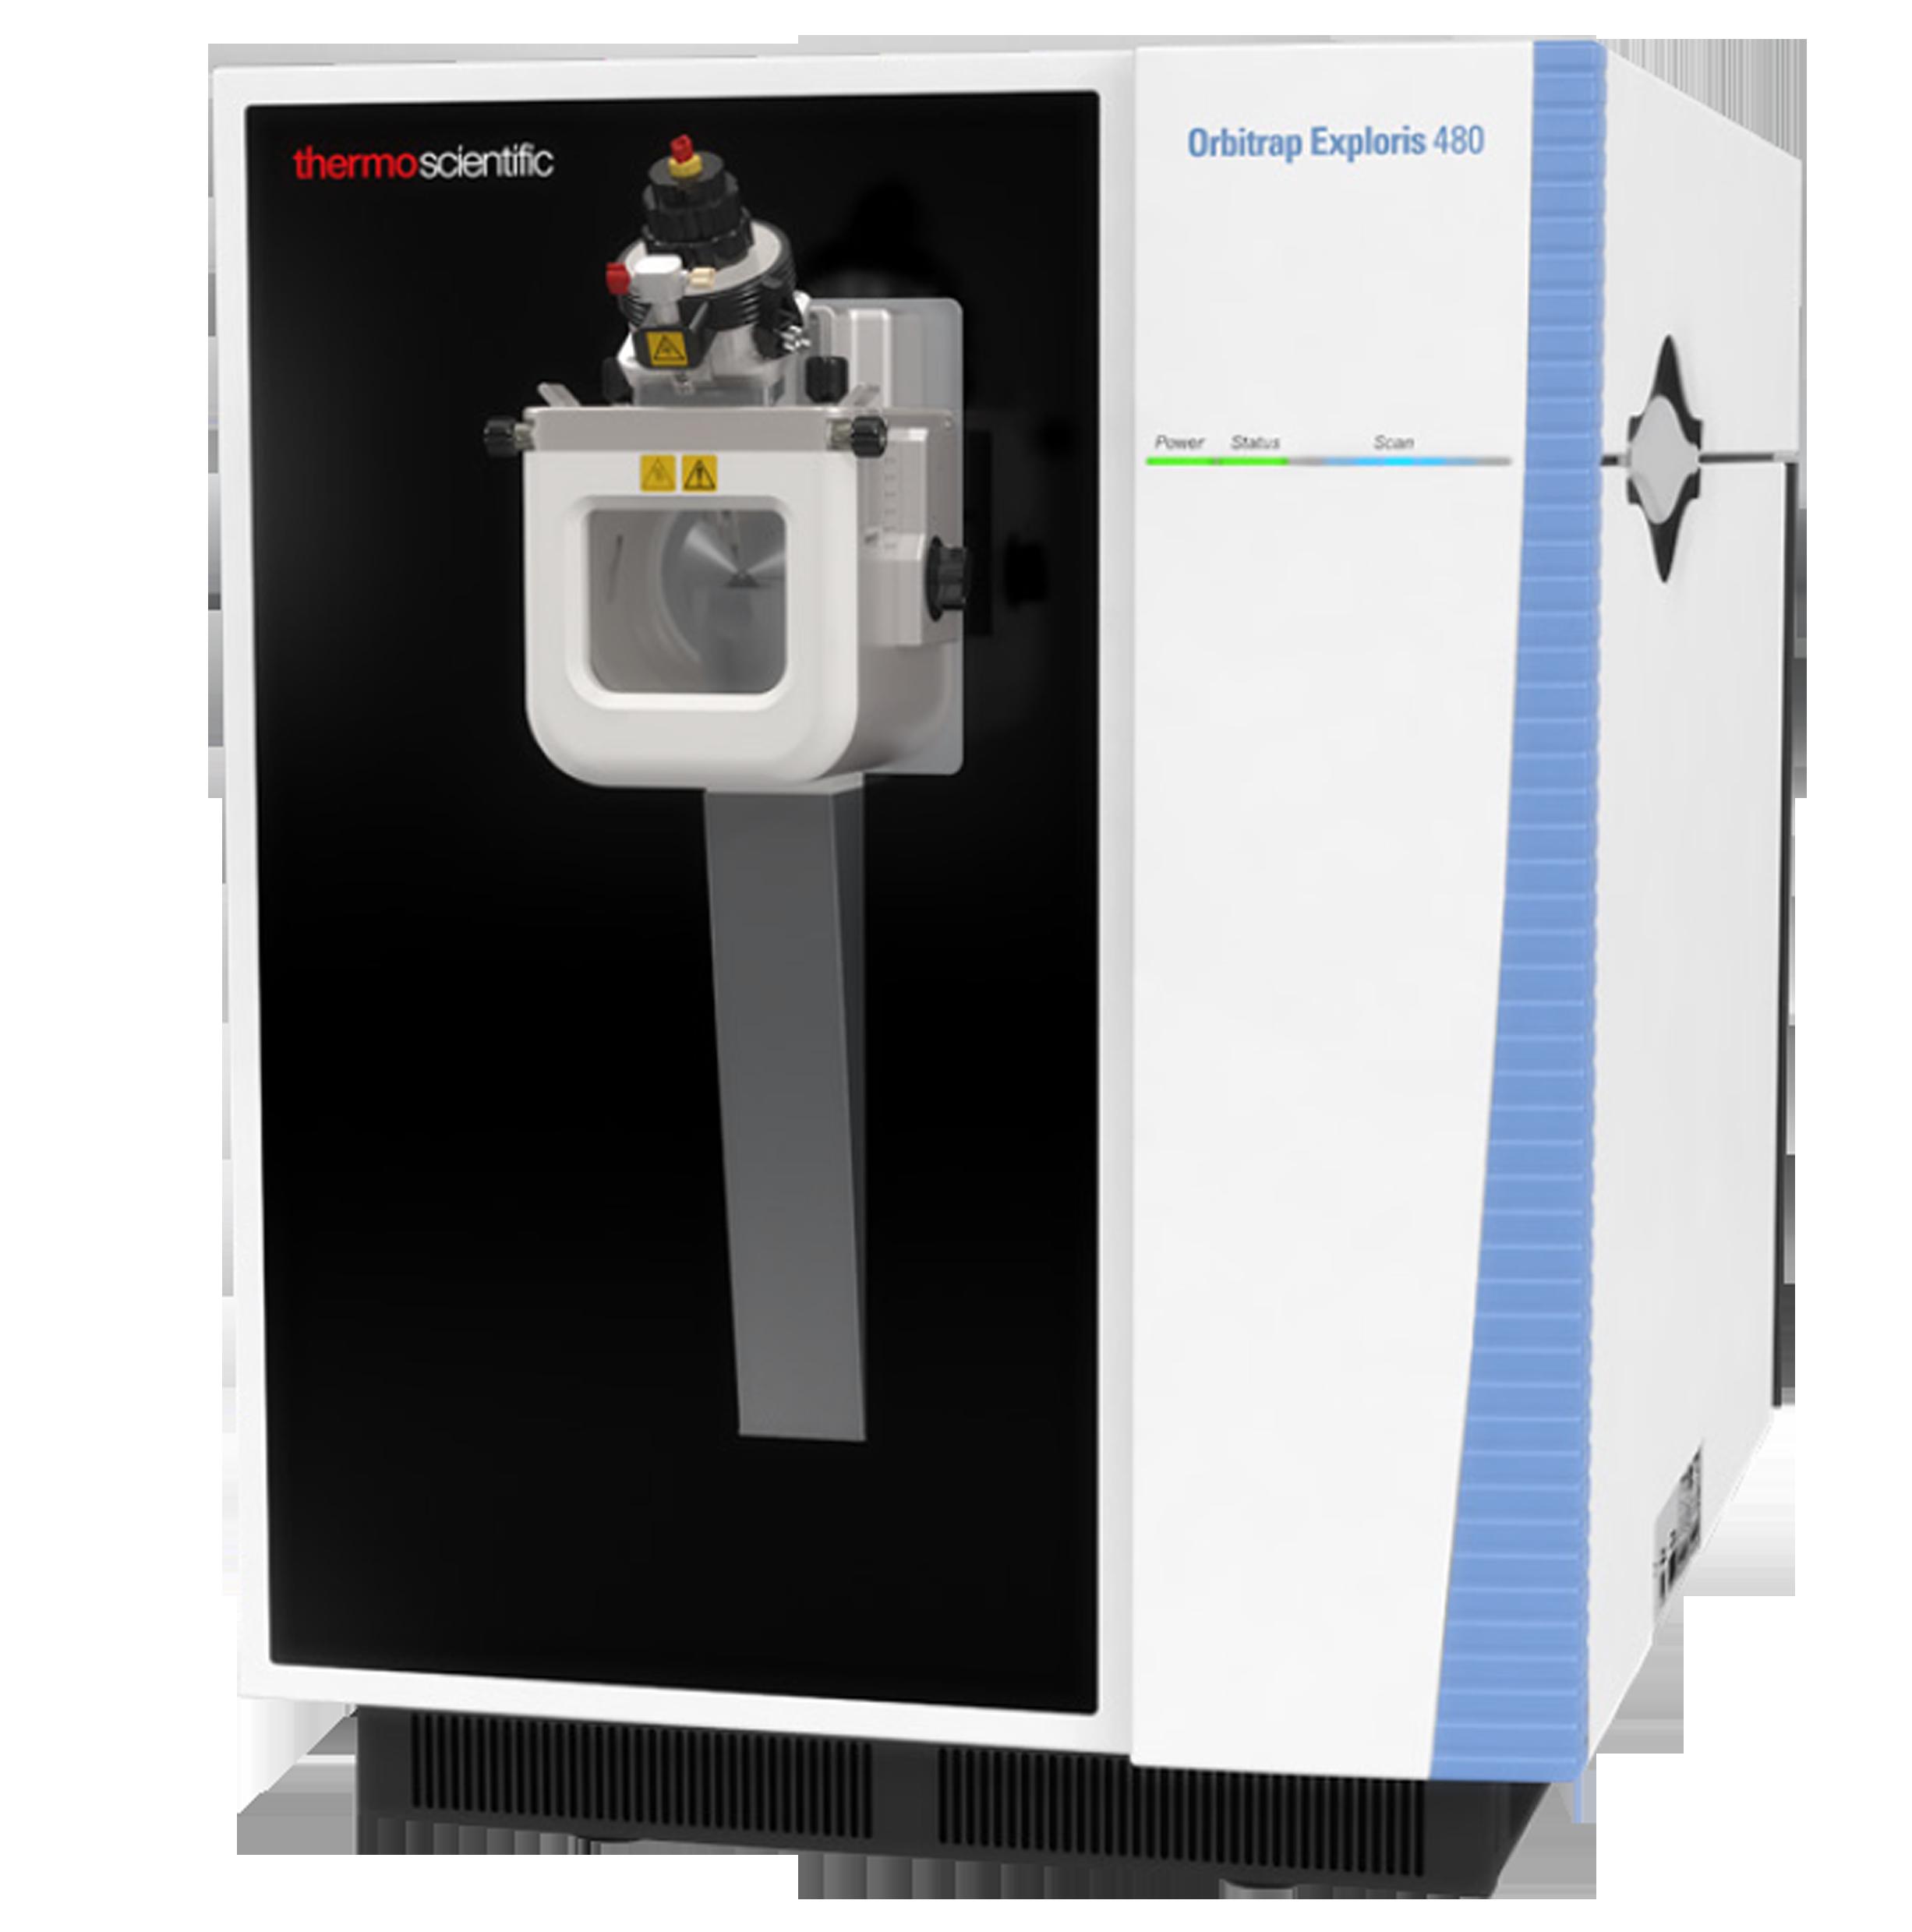 Жидкостный хромато-масс-спектрометр высокого разрешения Orbitrap Exploris 480